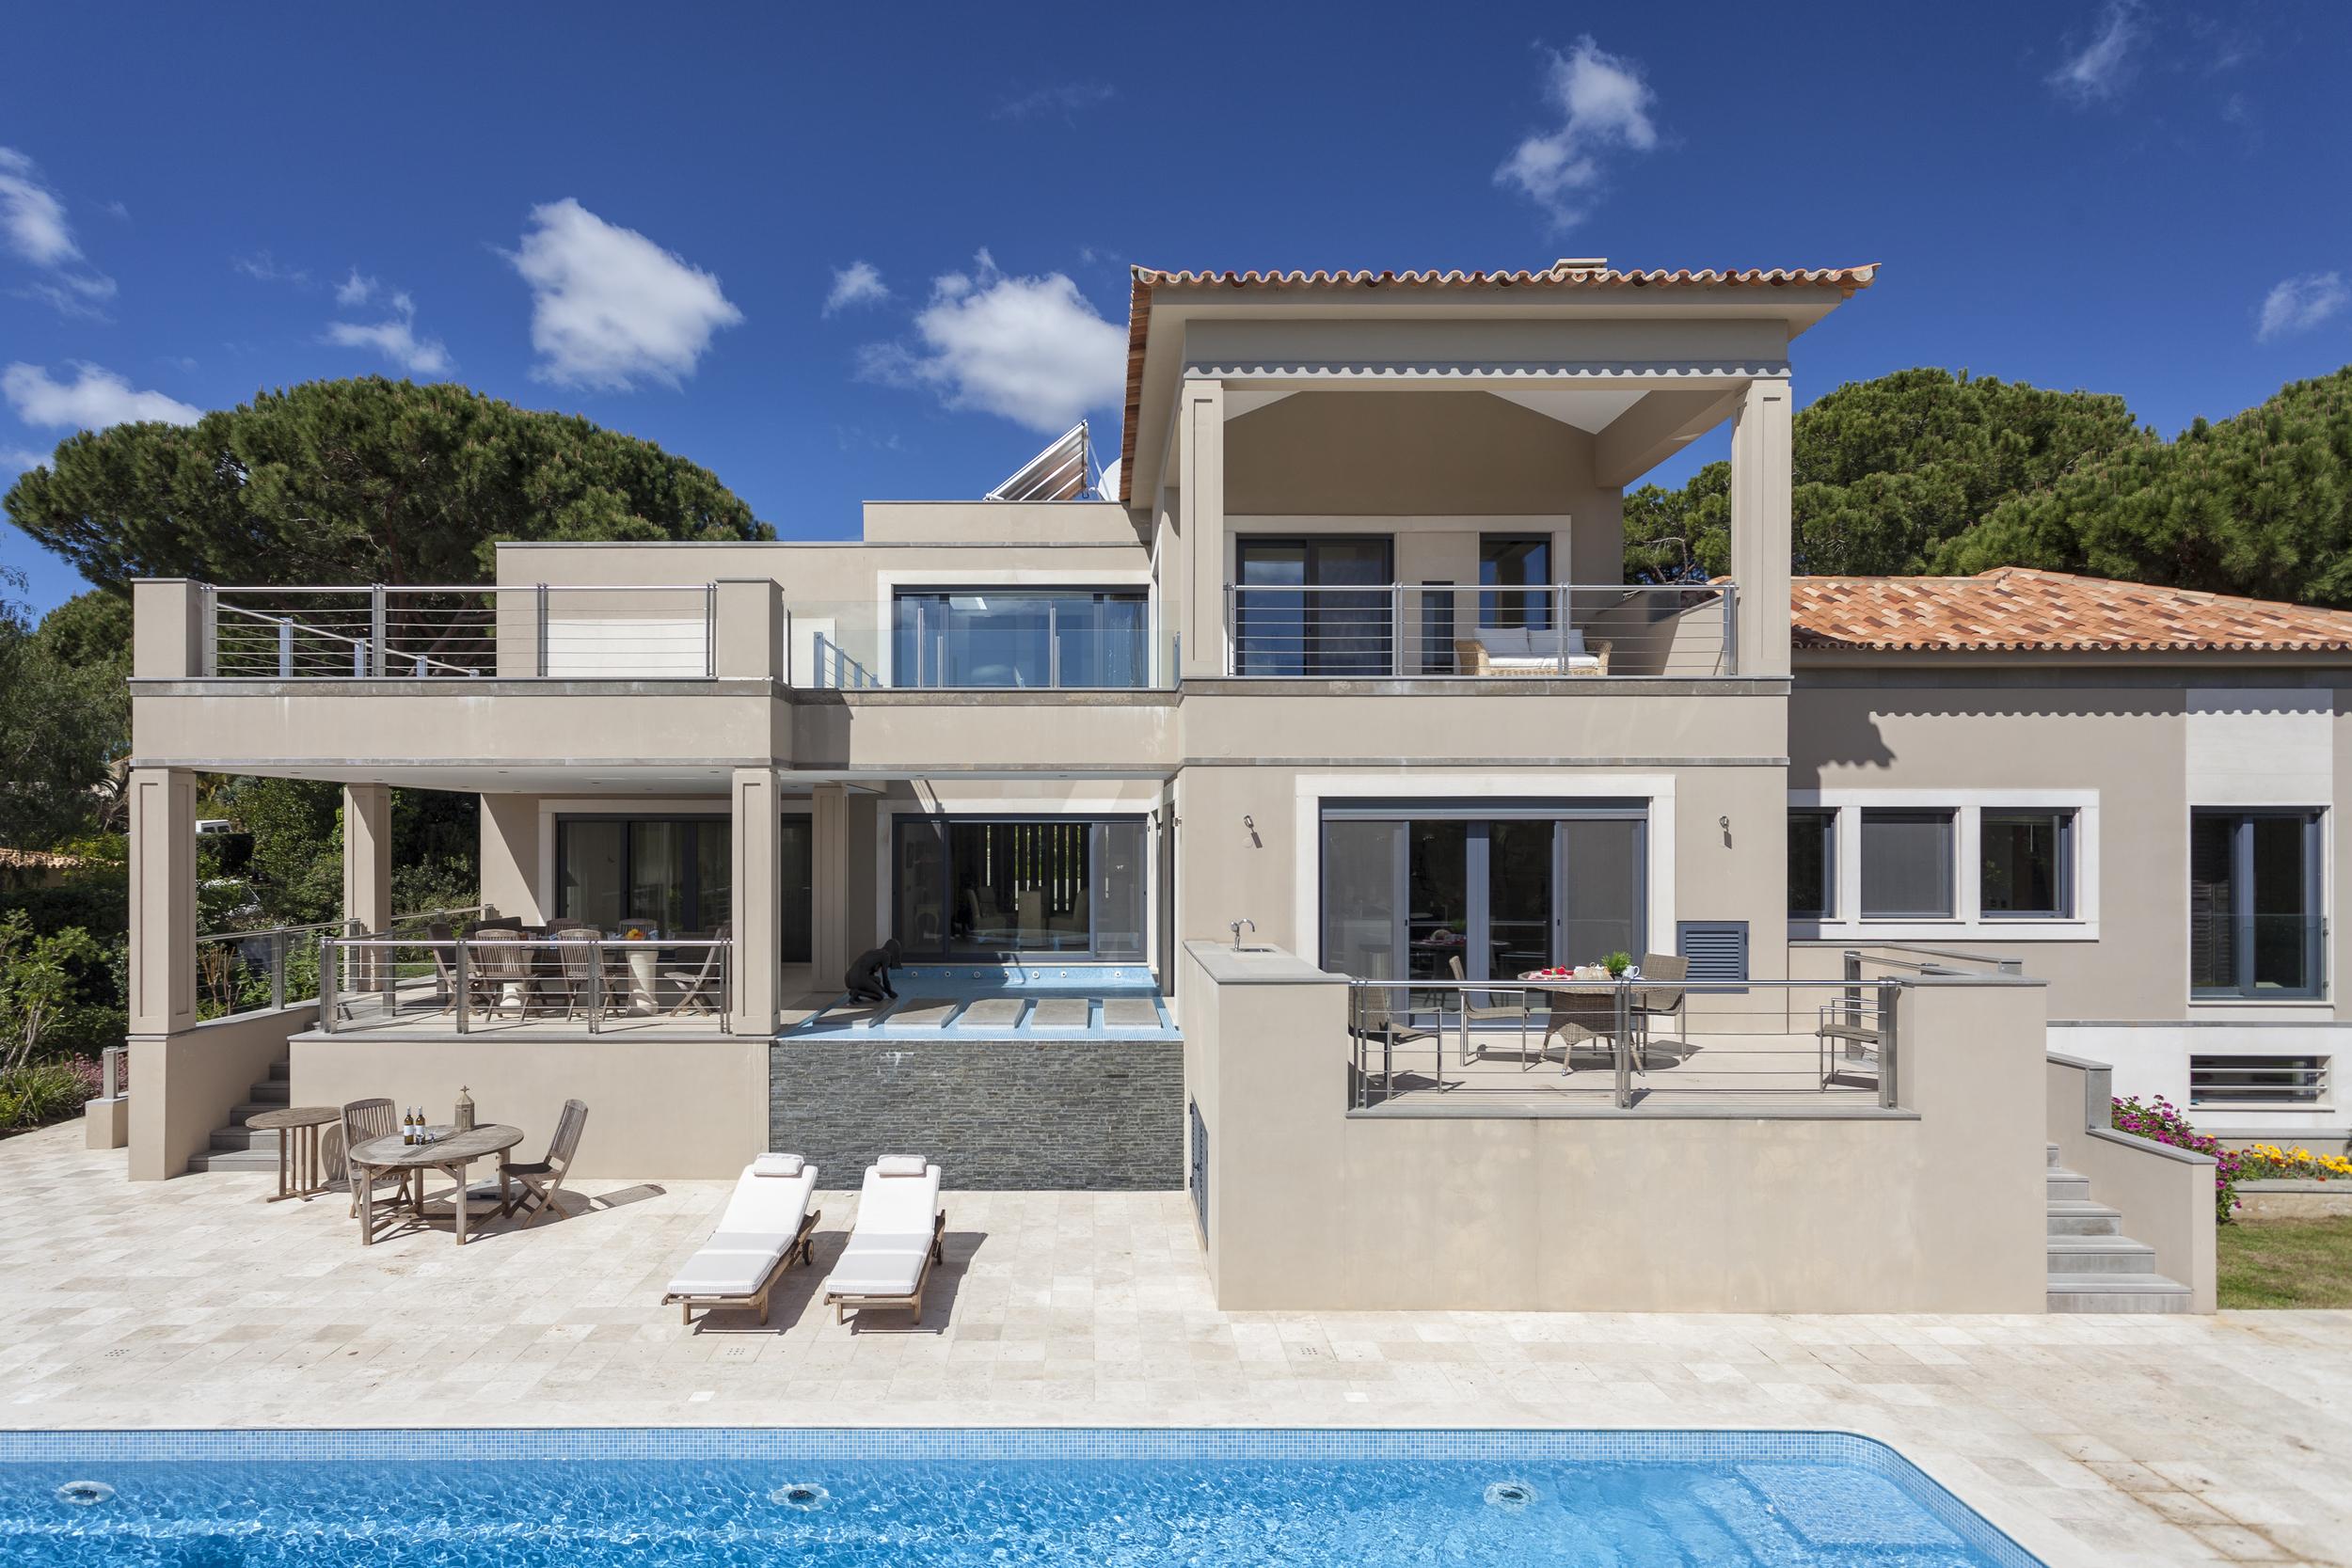 4 bedroom villa to rent in Quinta do Lago, RLV, Villa Serpentine, pool villa.jpg